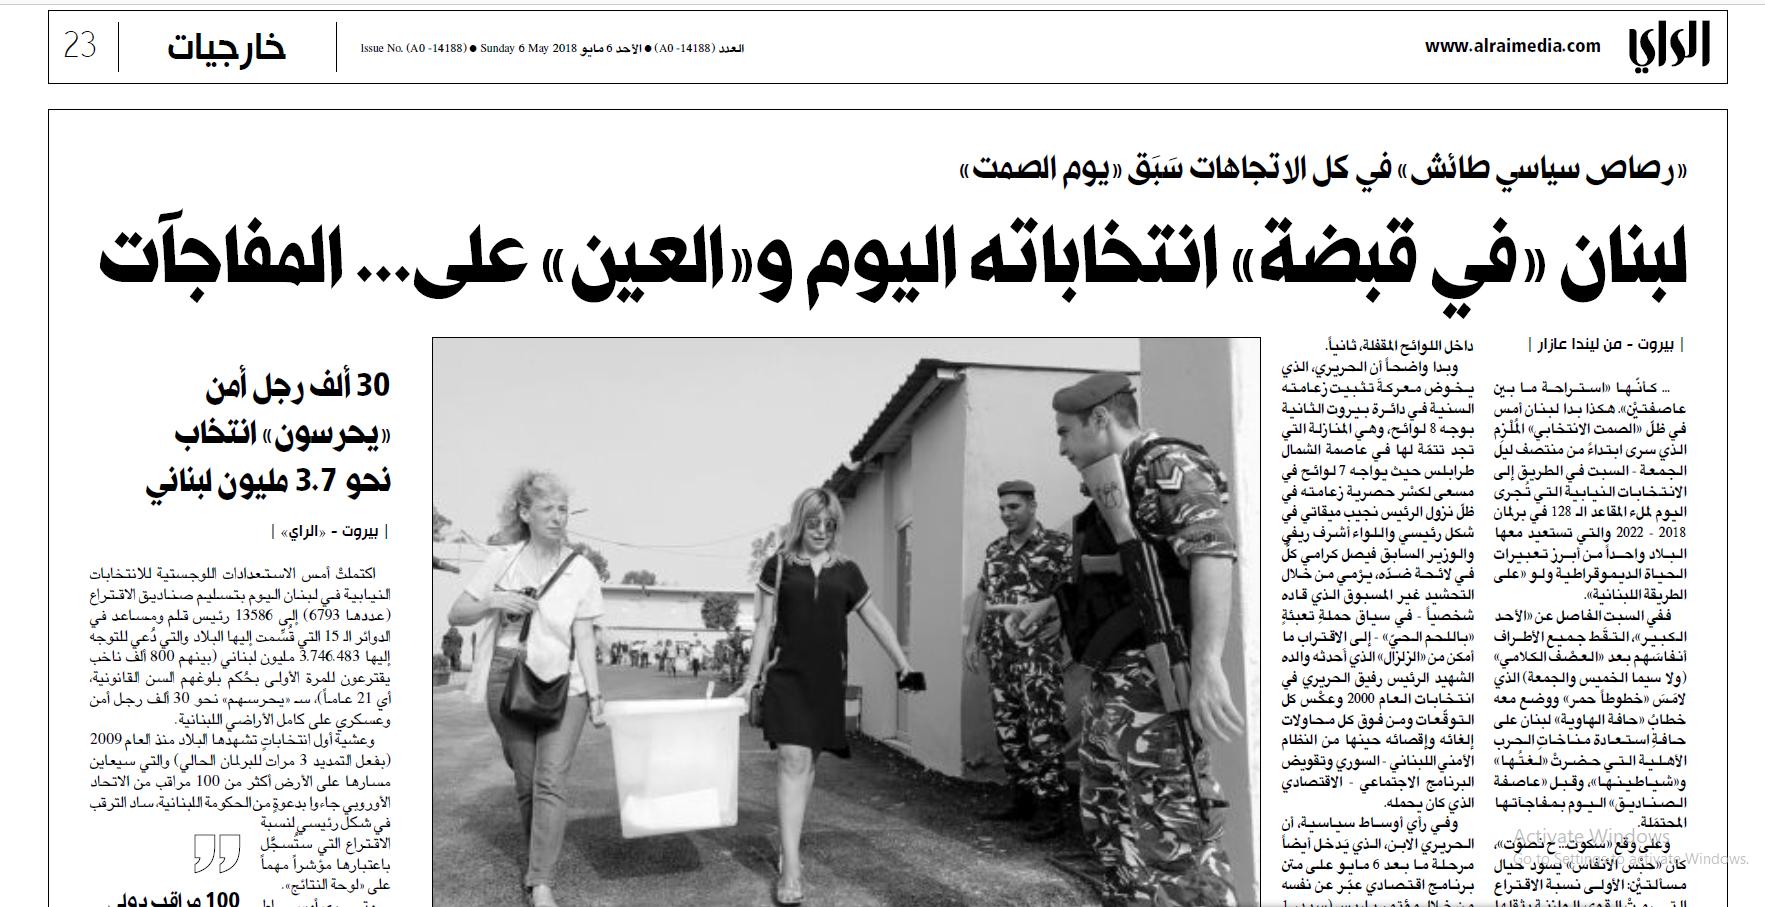 الرای : لبنان میں الیکشن آج